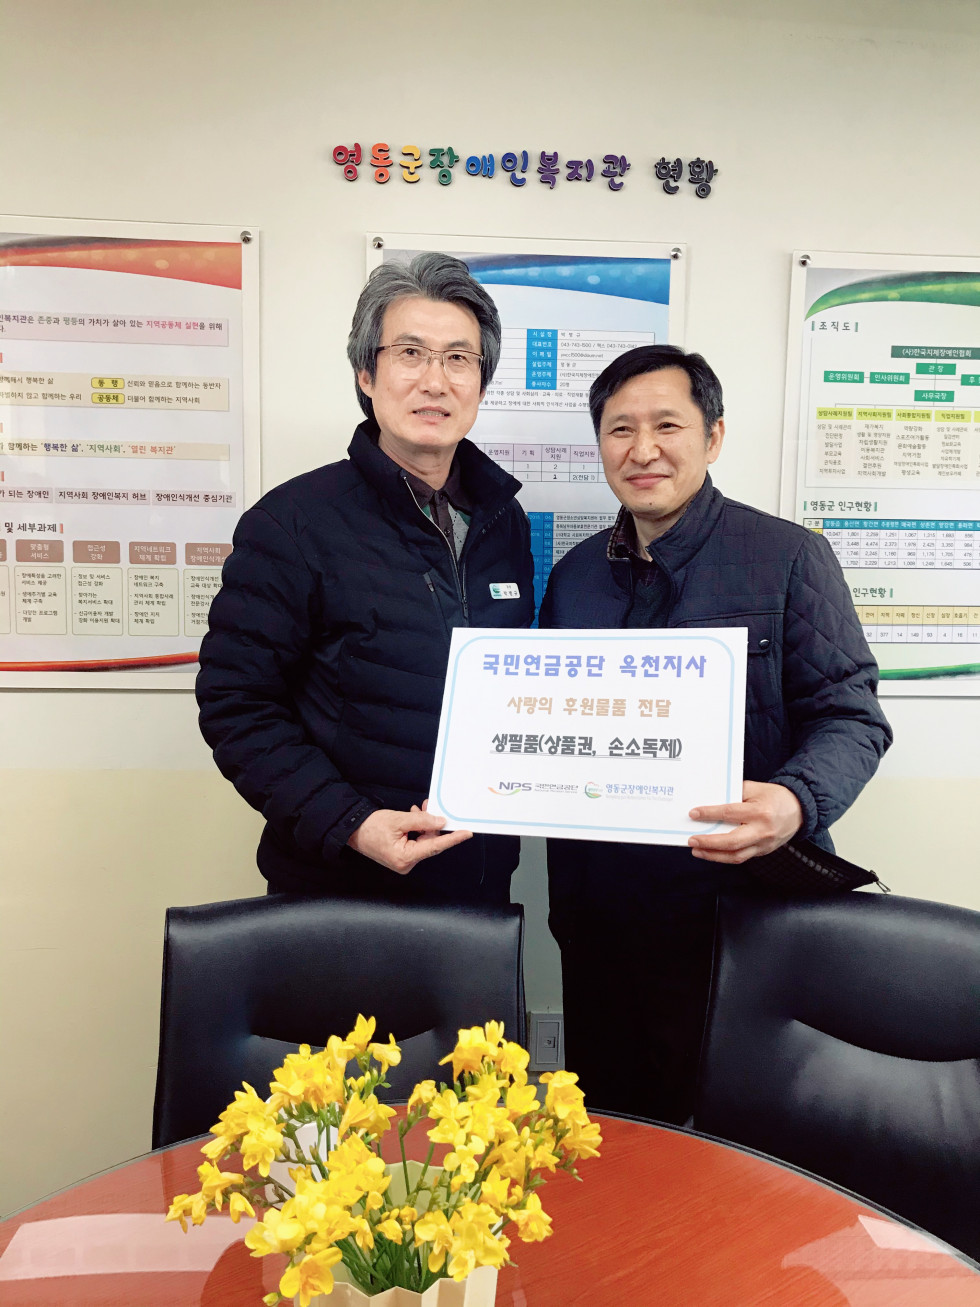 국민연금공단 옥천지산 남우근 지사장과 우리복지관 박병규 관장 함께 찍은 사진